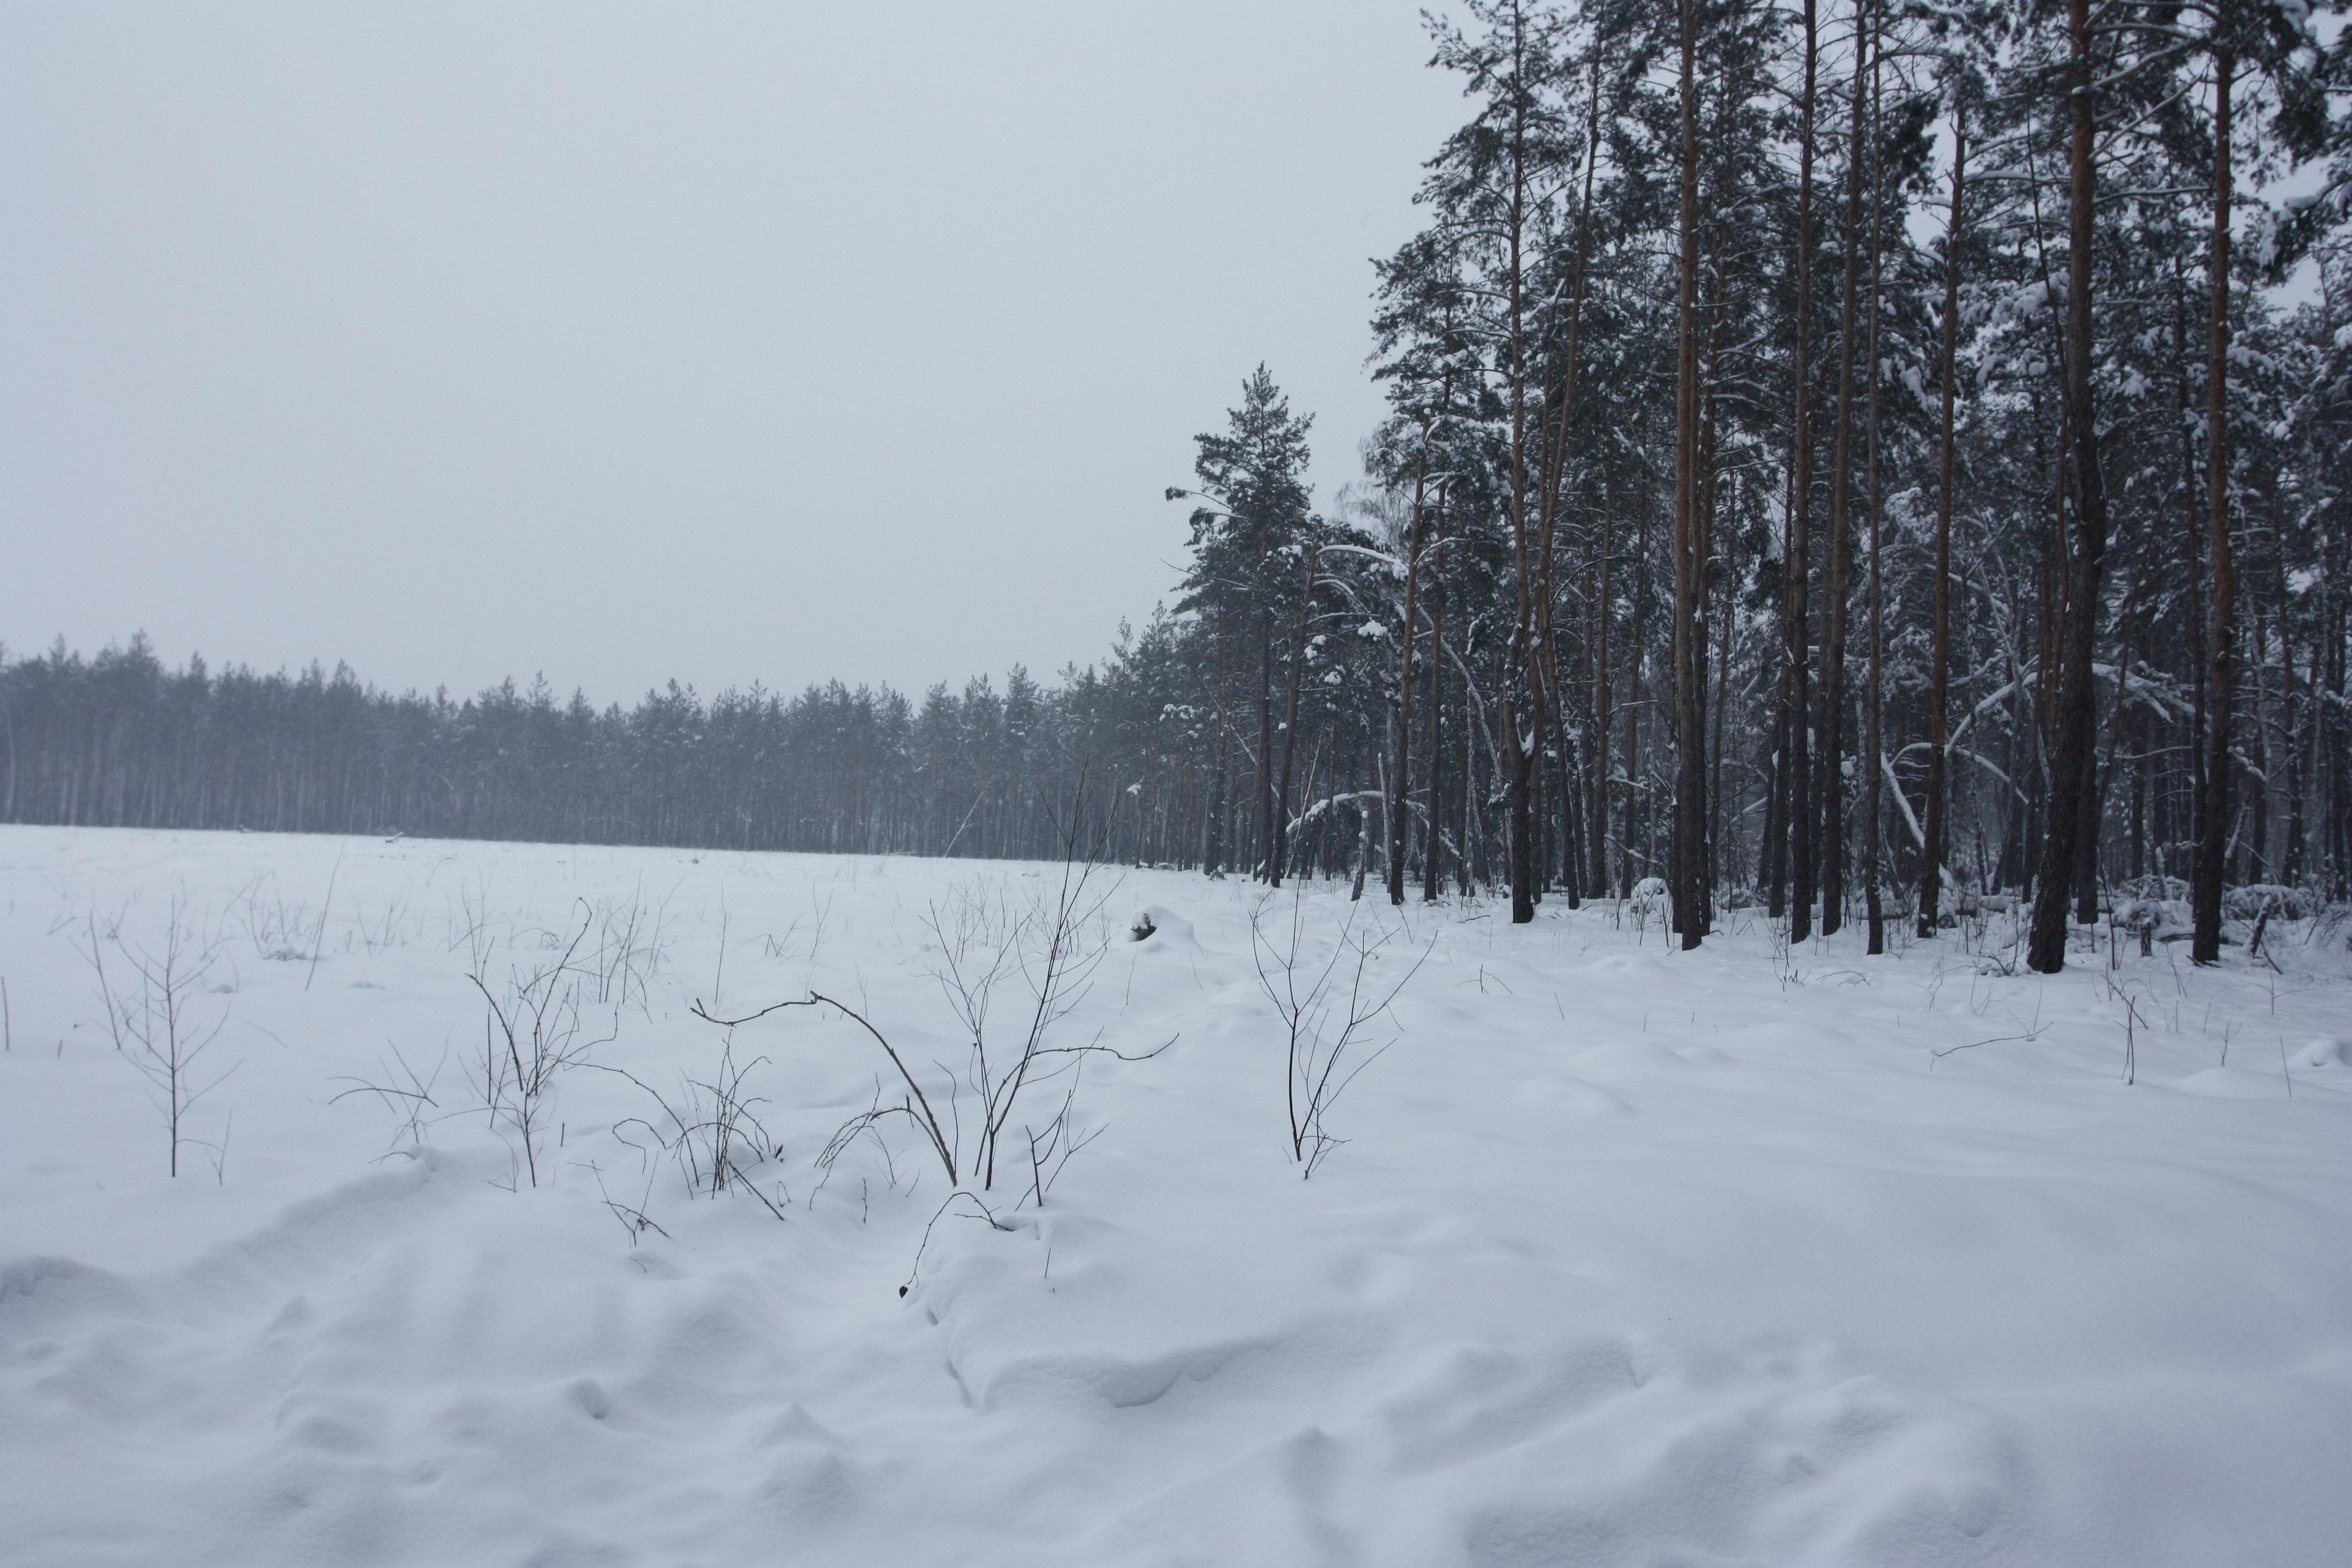 Участок леса, вырубленный с ноября по декабрь 2011 года. Фото: The Epoch Times Украина